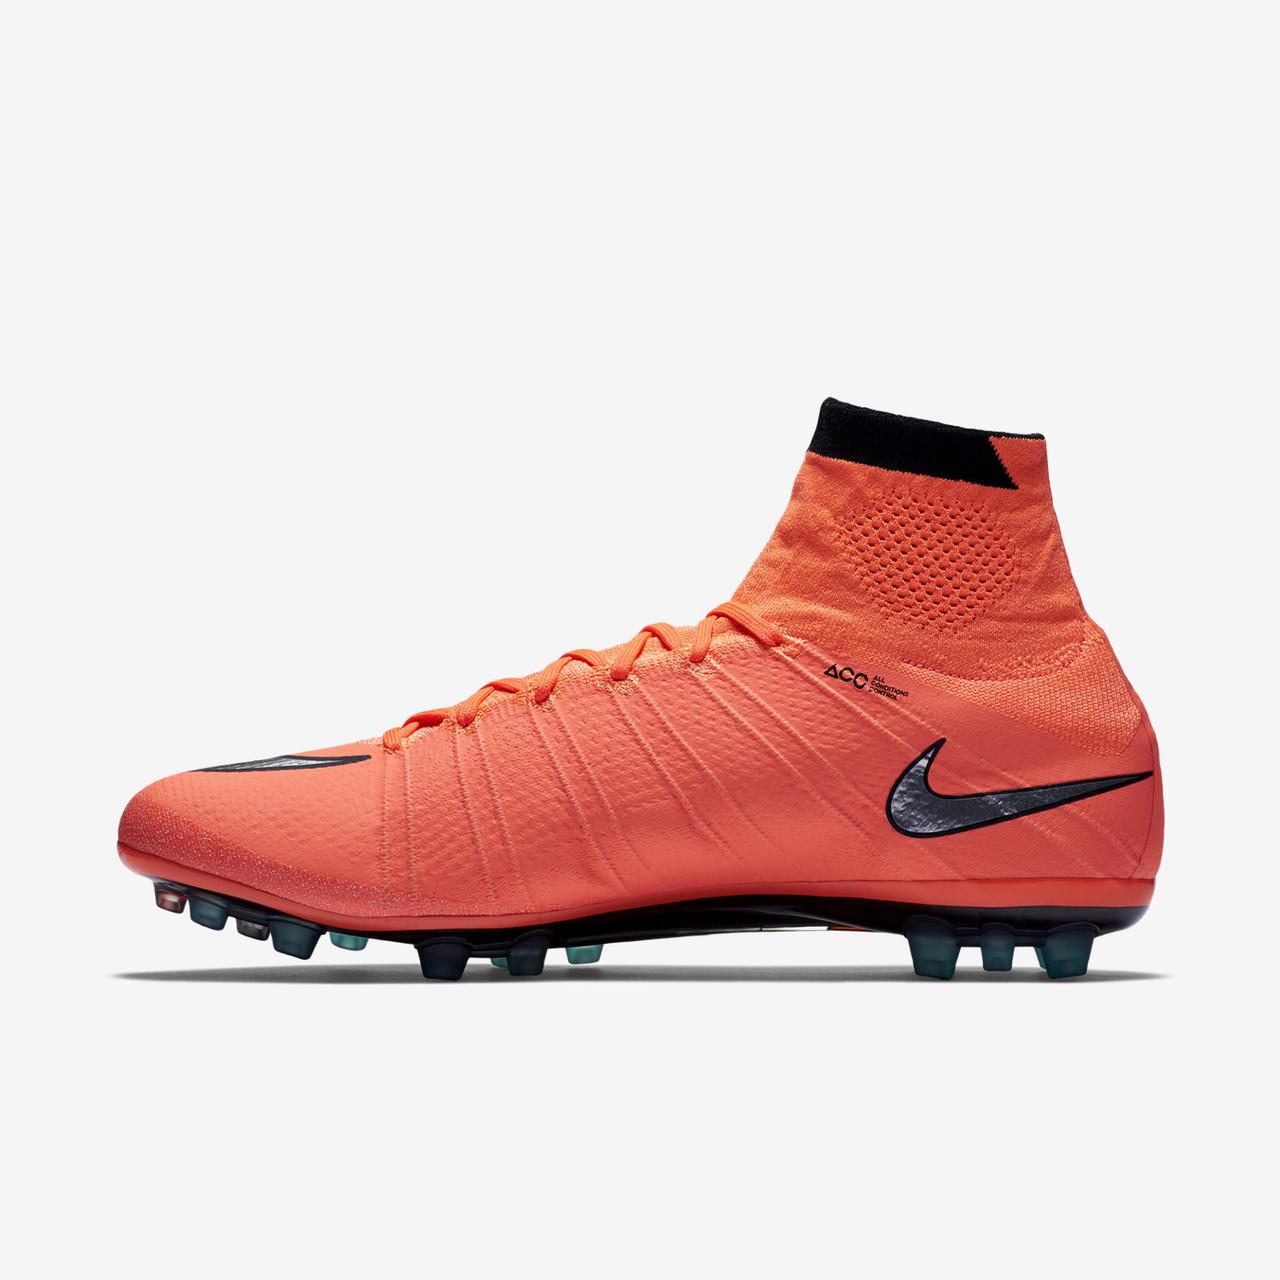 Футбольные бутсы Nike Mercurial Superfly AG-R Bright Mango Hyper Turquoise  Metallic Silver ae528e875af38